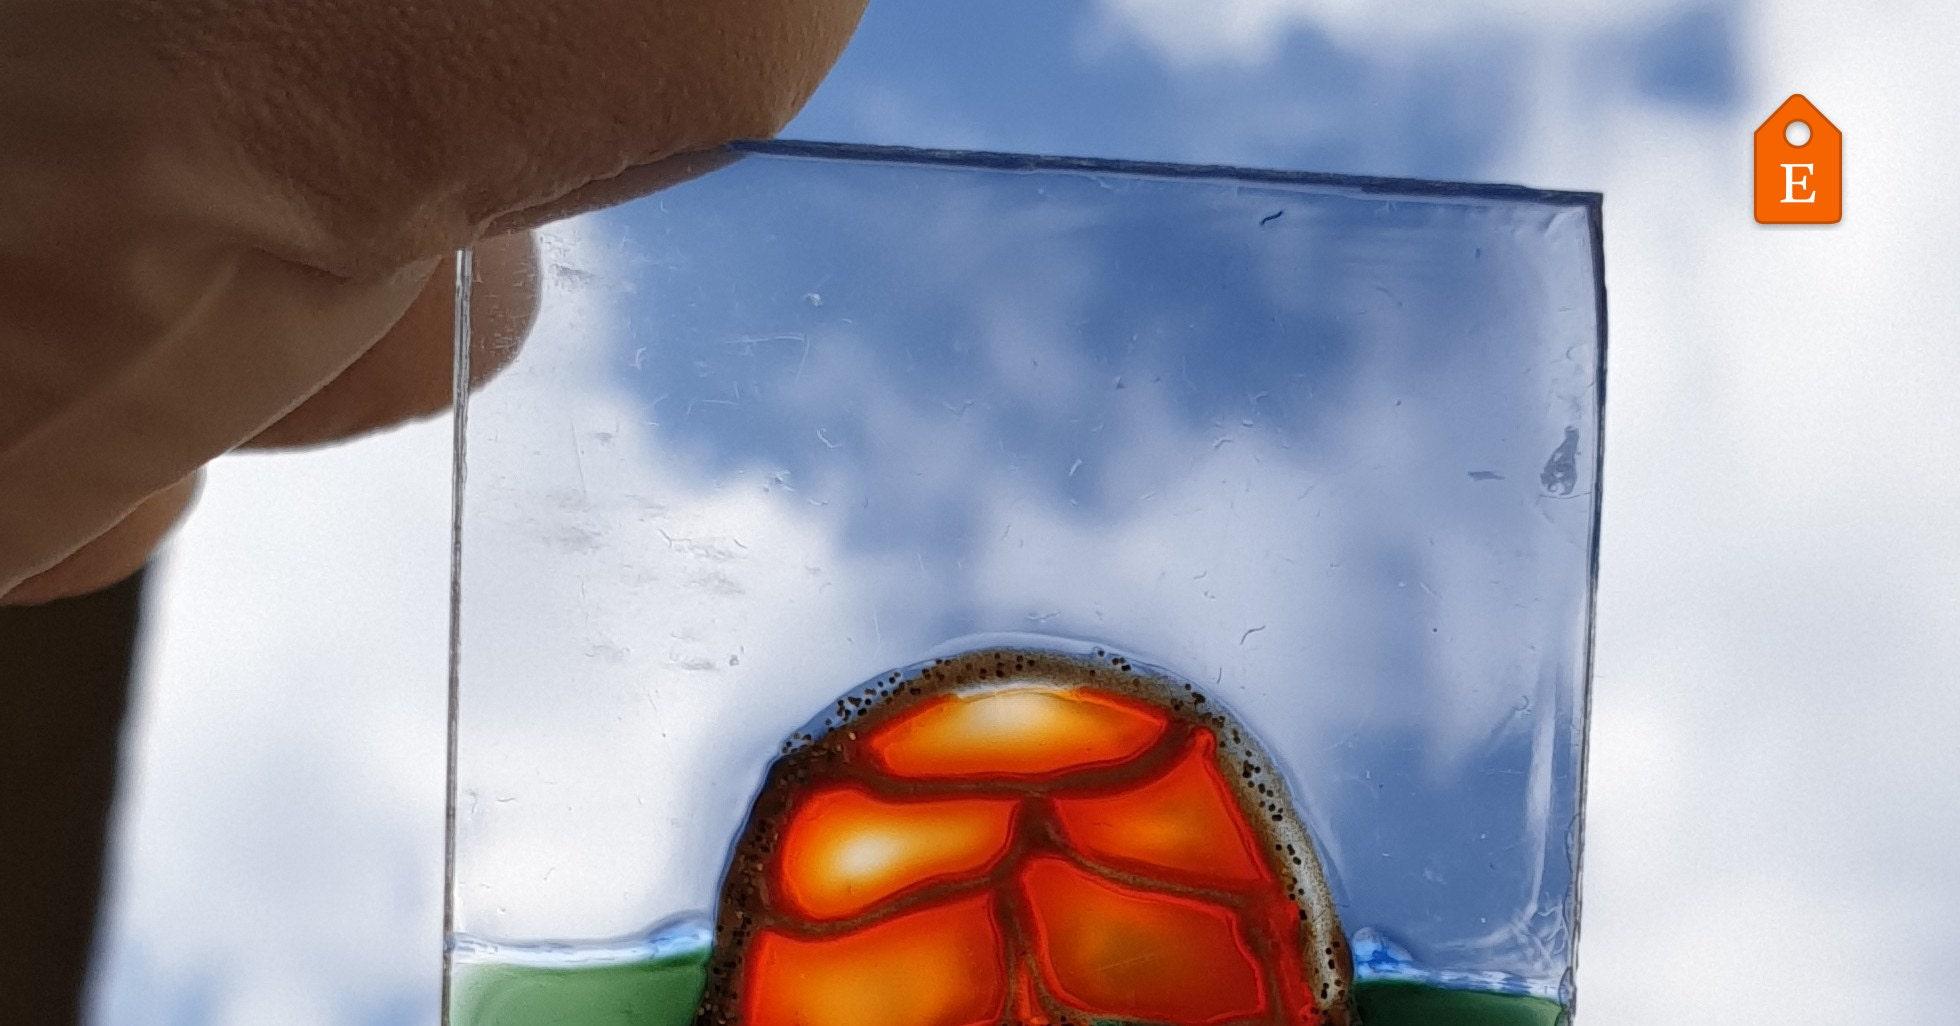 Gemalde Acryl Bild Keilrahmen Malerei Idee Farbe Und Keilrahmen